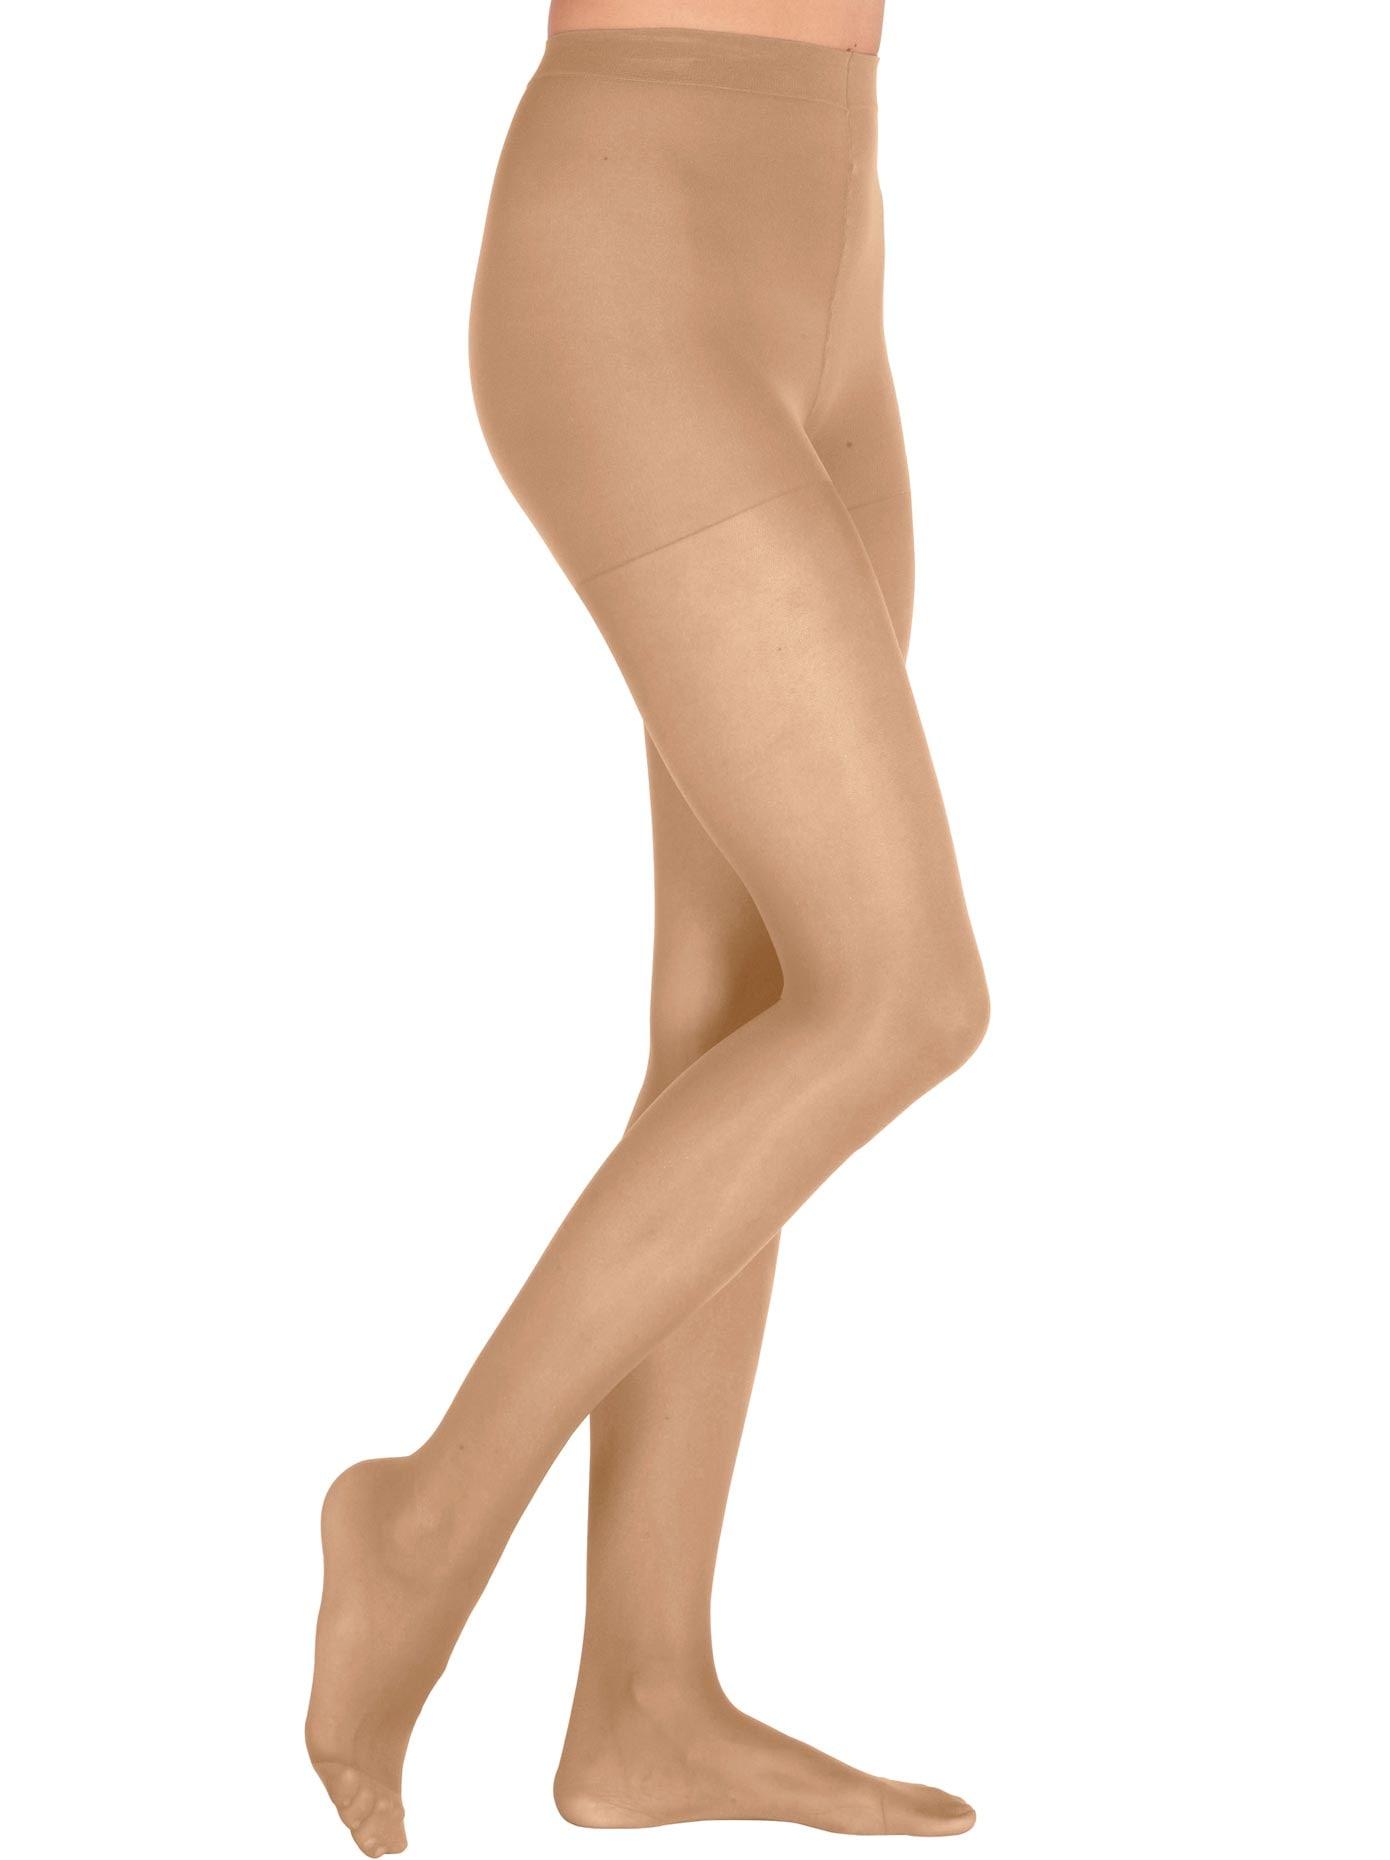 Stützstrumpfhose, Disée (3 Stck.)   Unterwäsche & Reizwäsche > Strumpfhosen > Stützstrumpfhosen   Disée